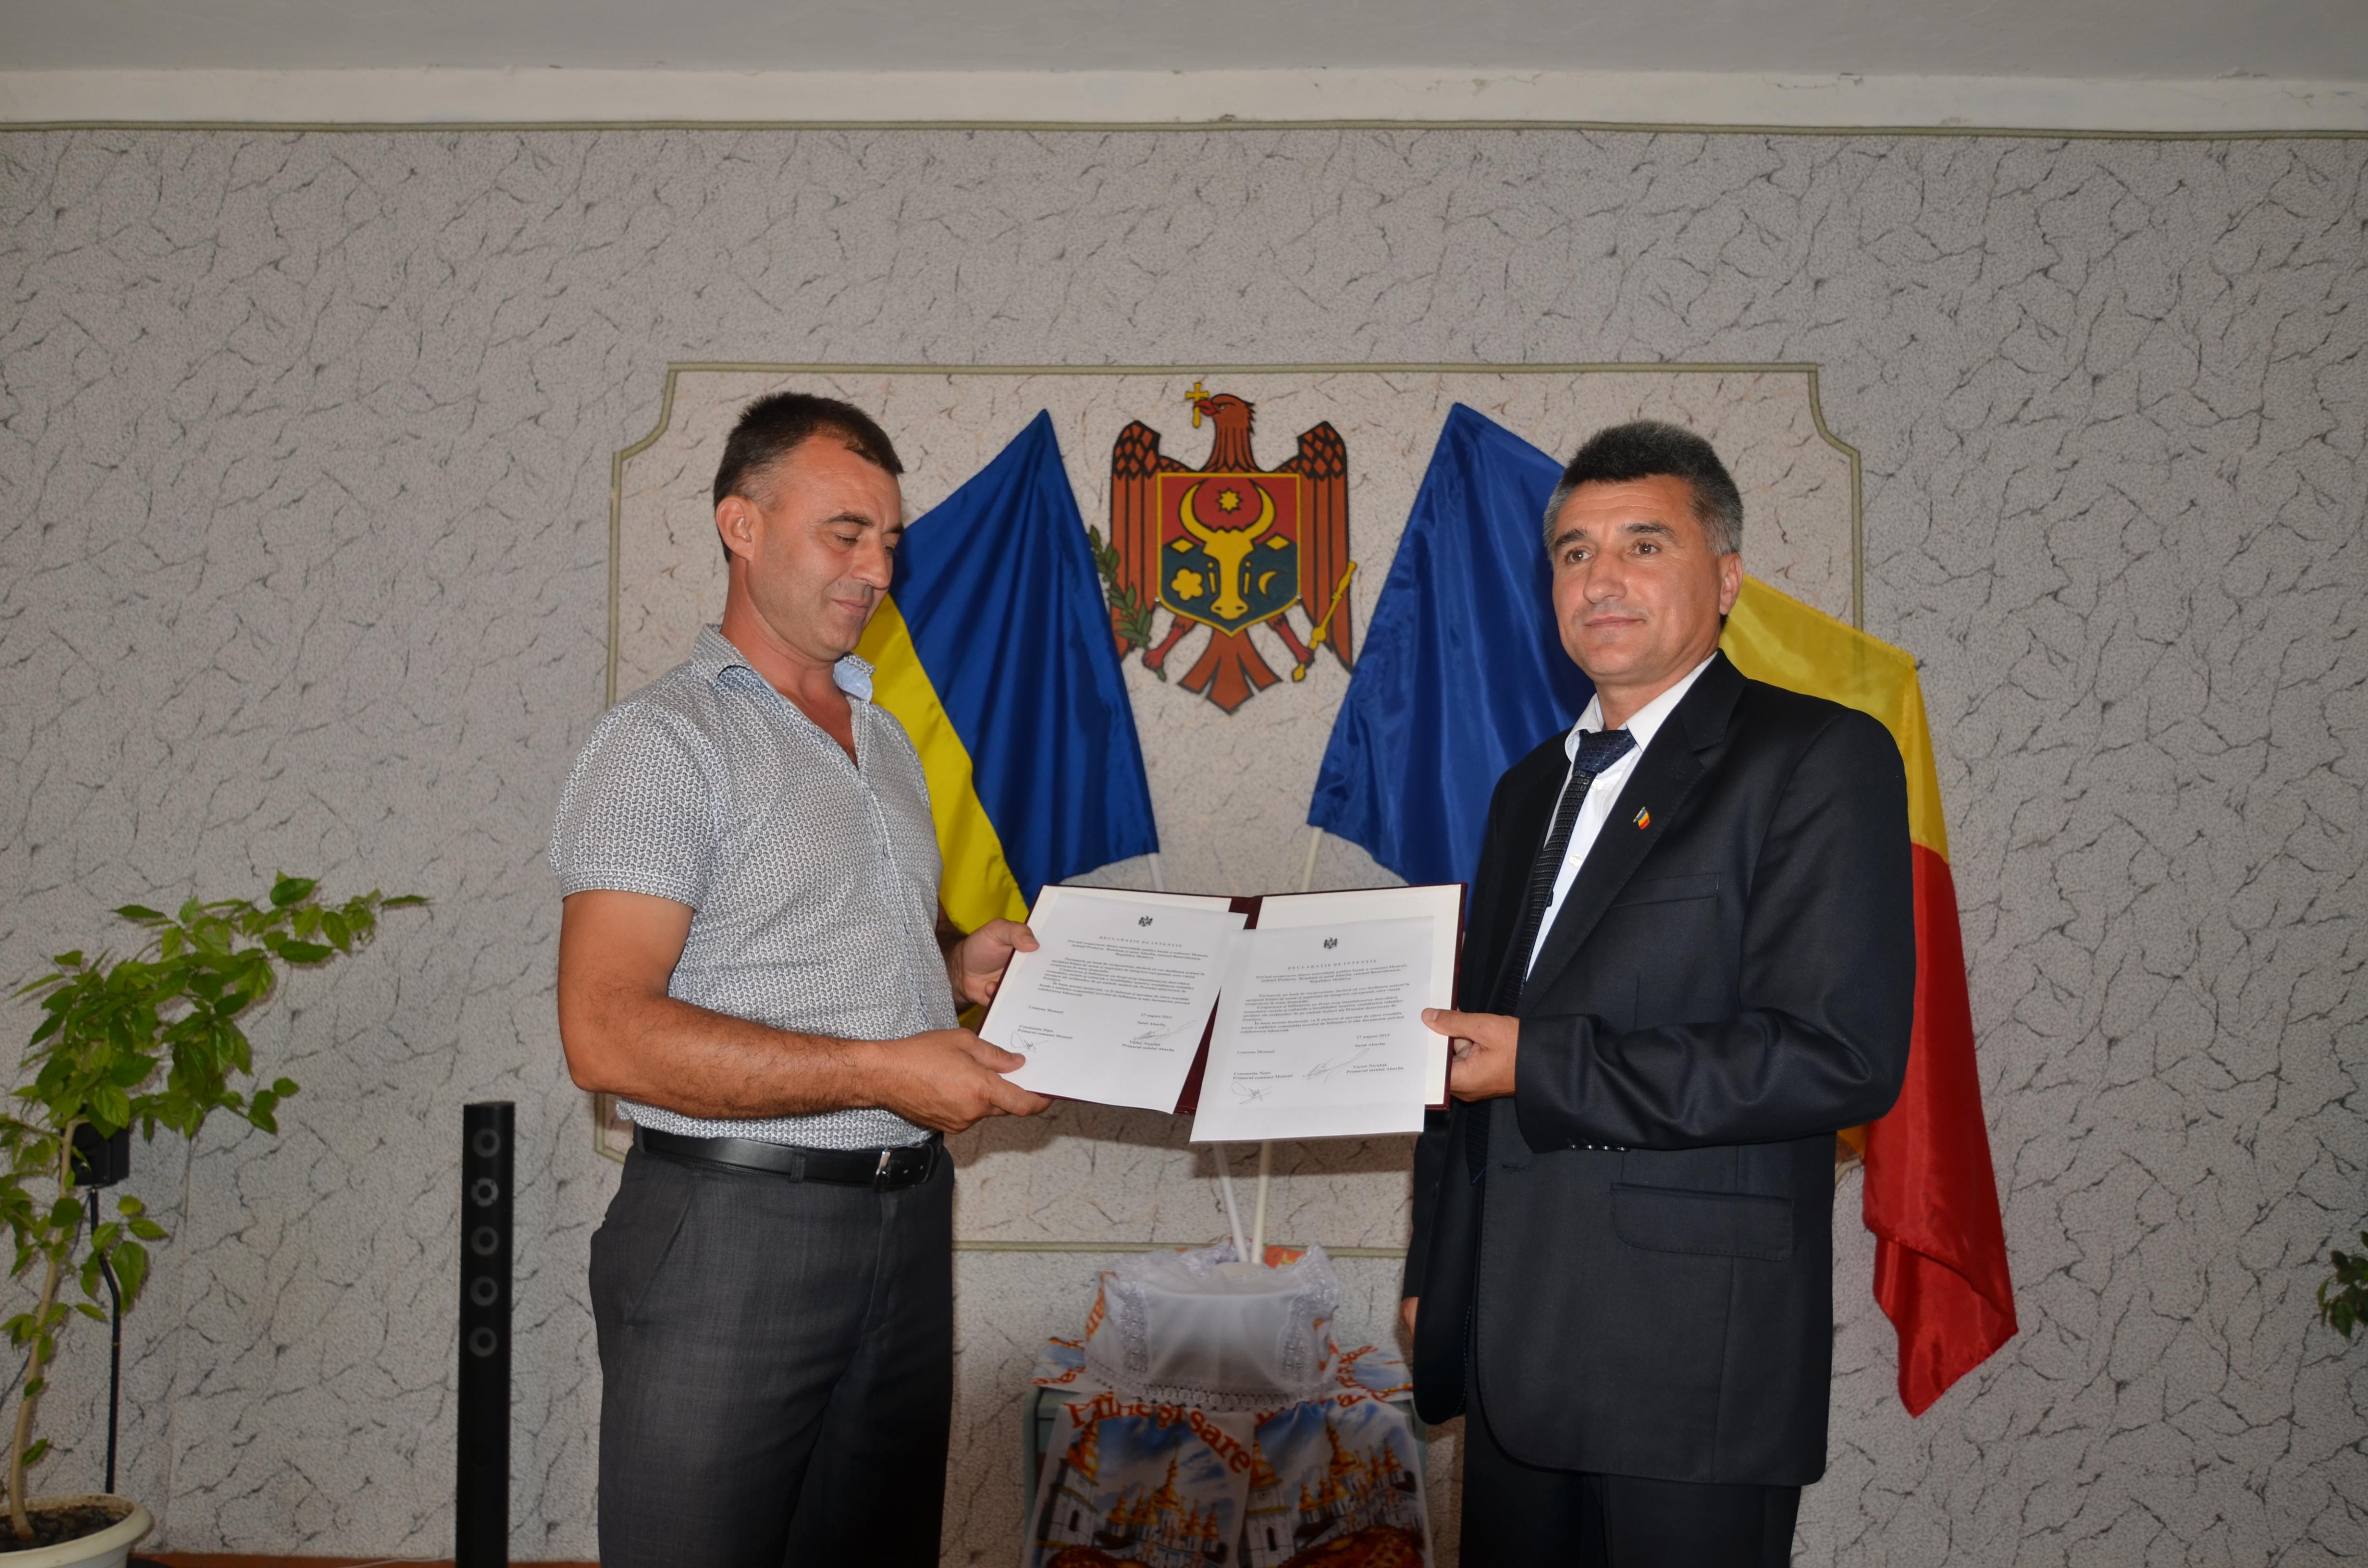 Acțiuni de apropiere între românii de pe ambele maluri ale Prutului